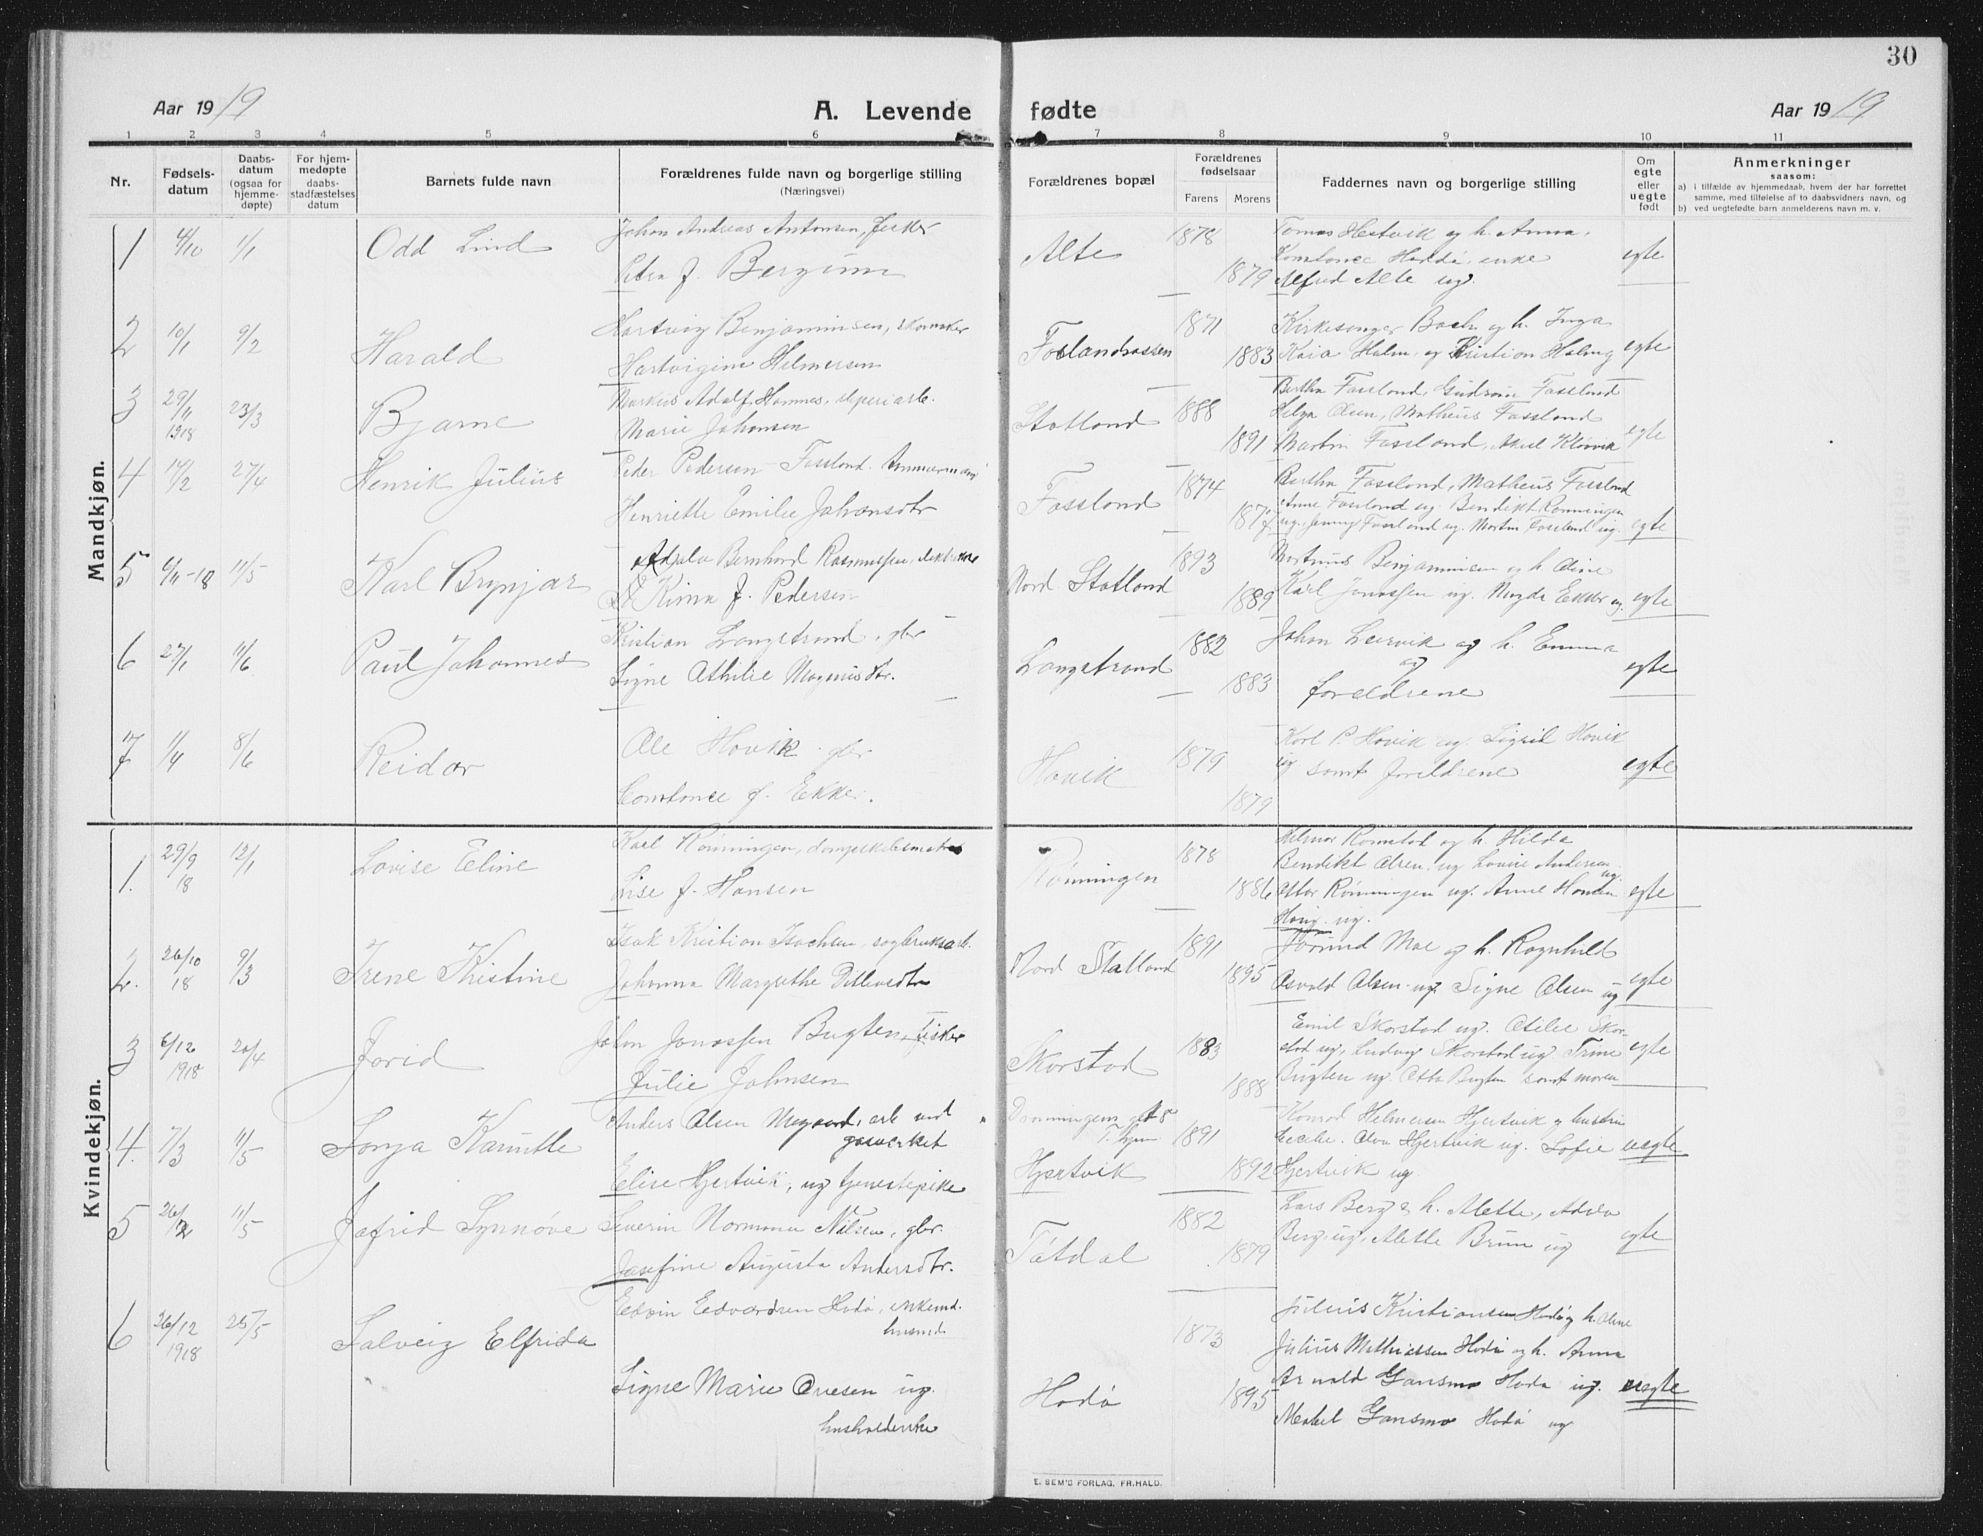 SAT, Ministerialprotokoller, klokkerbøker og fødselsregistre - Nord-Trøndelag, 774/L0630: Klokkerbok nr. 774C01, 1910-1934, s. 30